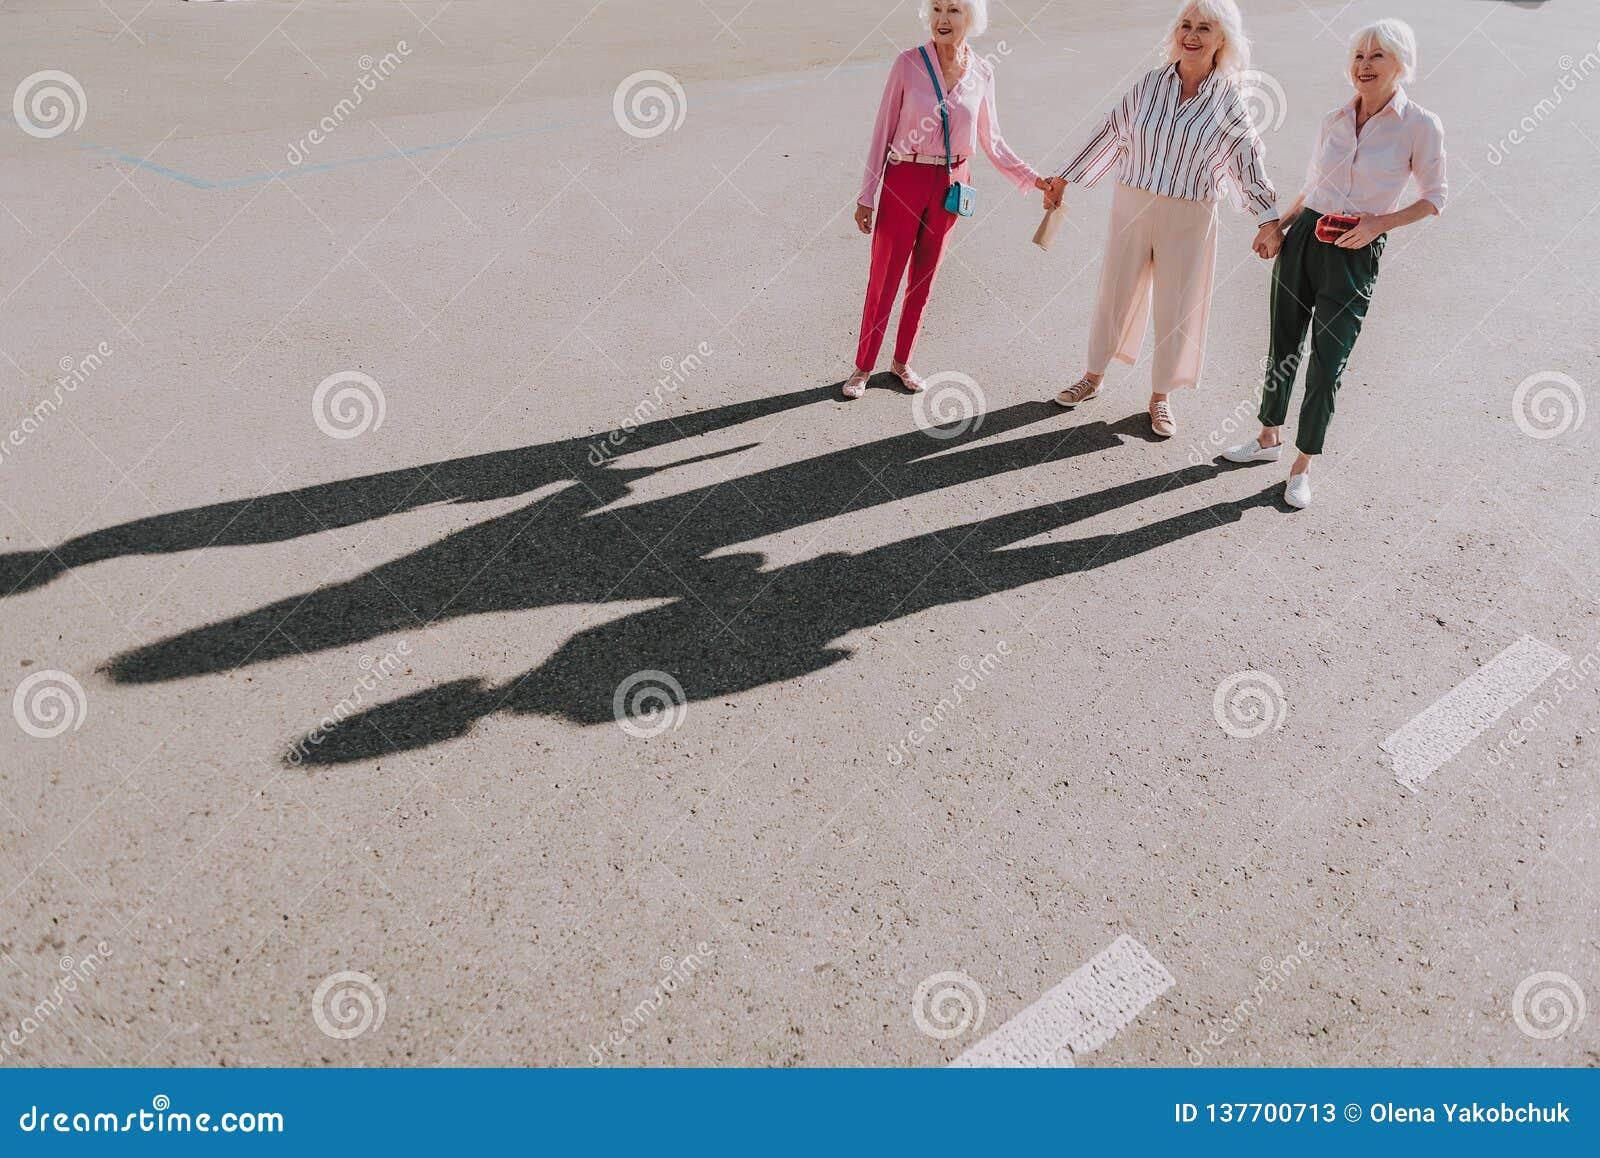 Οι ενήλικες γυναίκες κάνουν τη δημιουργική φωτογραφία από κοινού